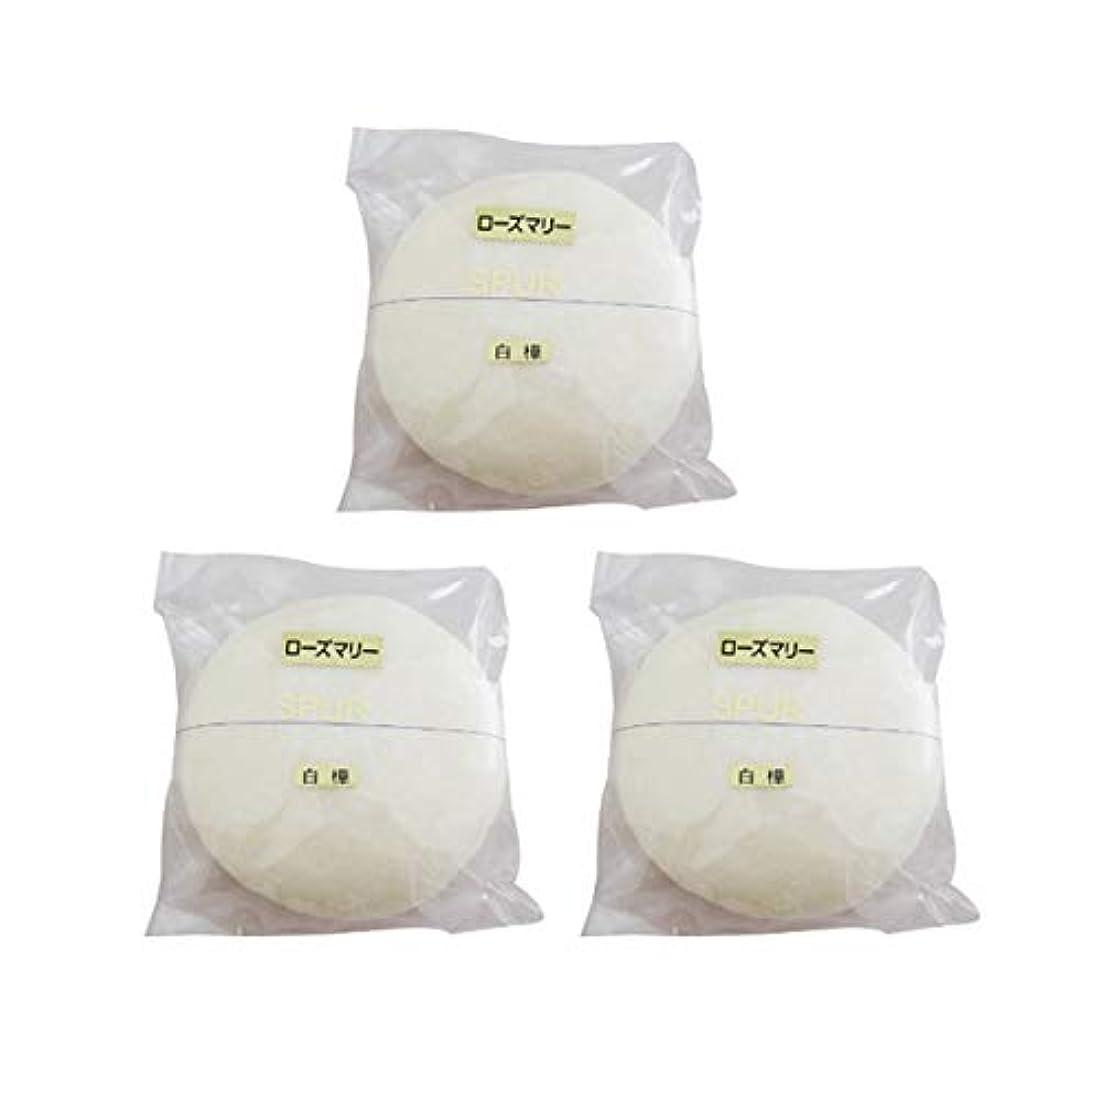 征服メニュー期間ハーブ研究所 山澤清の香草石鹸(白樺樹液練り)ローズマリー(70g×3個)3個セット 無添加ローズマリー石鹸